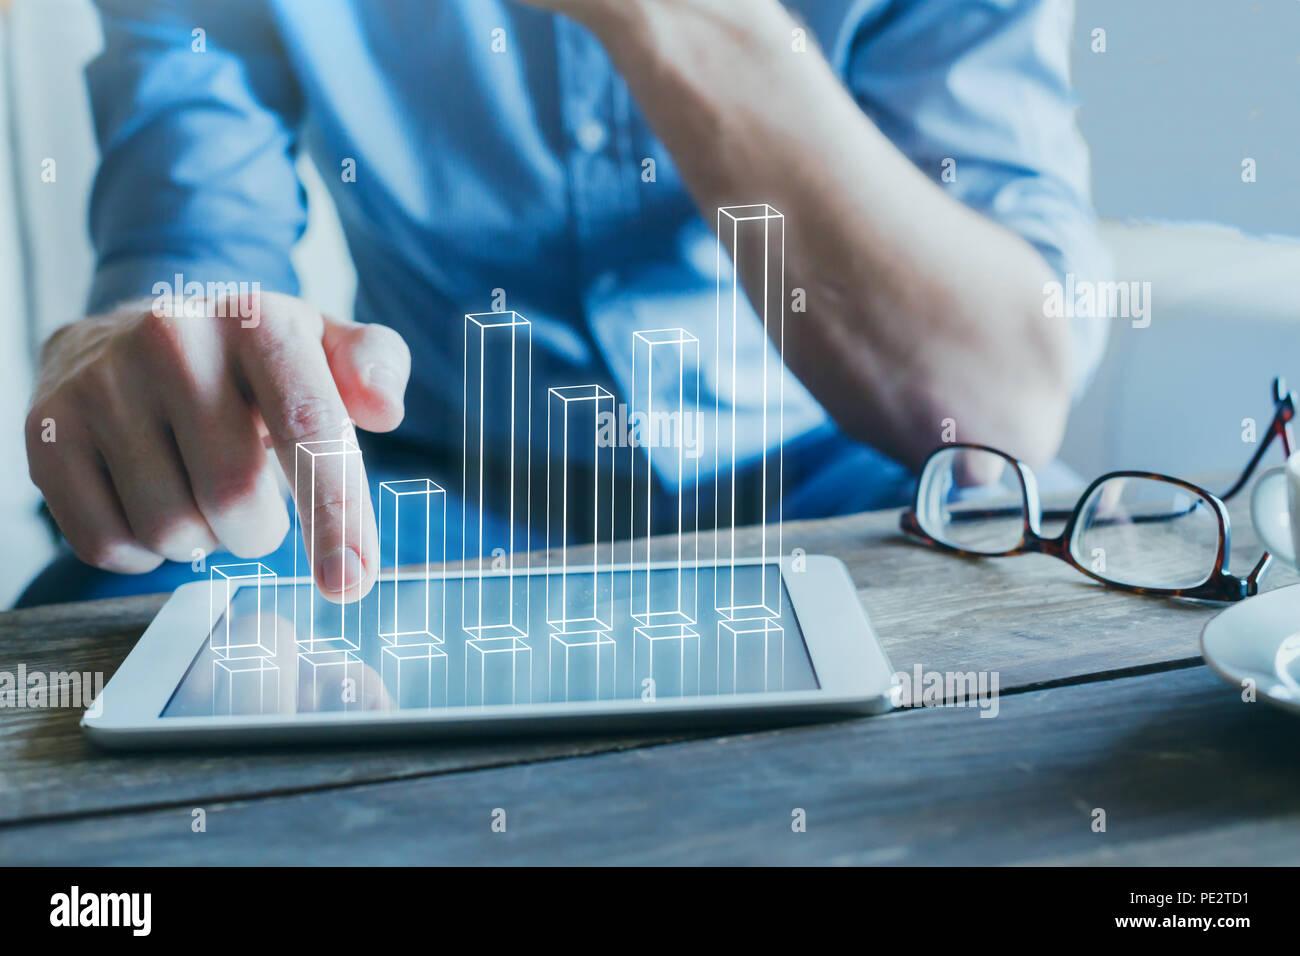 Imprenditore utilizzando la tecnologia digitale per le aziende start-up, 3d grafico a colonna Immagini Stock